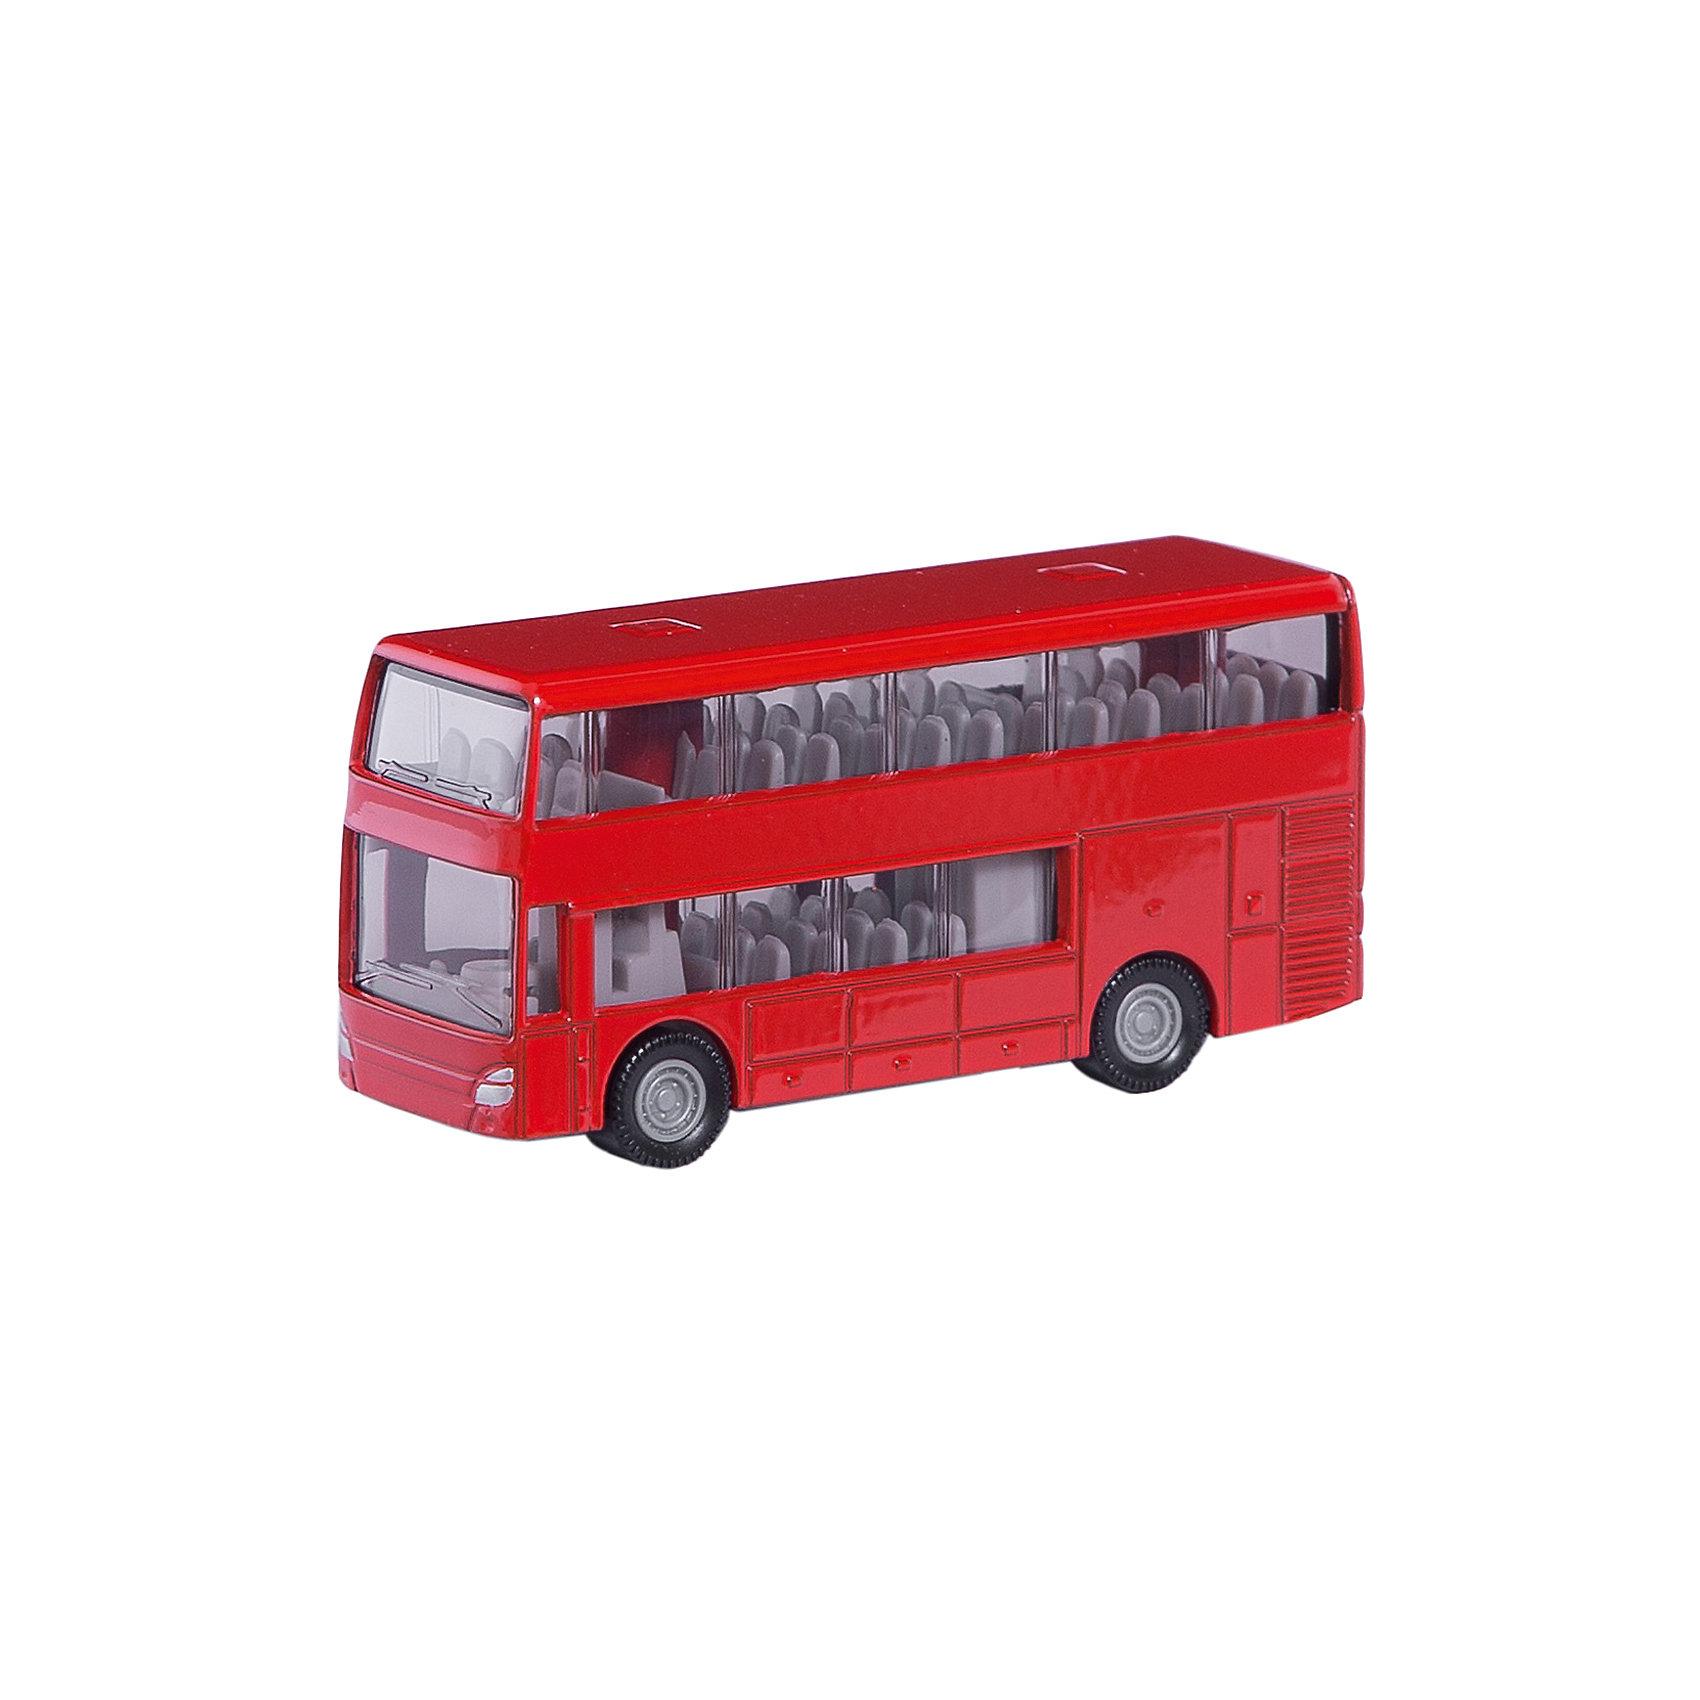 SIKU 1321 Двухэтажный автобусМашинки<br>Двухэтажный автобус, Siku, станет прекрасным пополнением коллекции юного любителя автотехники. Модель очень похожа на настоящий городской автобус и отличается высокой степенью детализации и тщательной проработкой всех элементов. Двухэтажный автобус имеет характерный дизайн с расцветкой ярко-красного цвета, через прозрачные пластиковые окна на обоих этажах хорошо просматривается салон с пассажирскими сиденьями, колеса вращаются. Корпус модели выполнен из металла, остальные детали изготовлены из ударопрочной пластмассы. <br><br>Дополнительная информация:<br><br>- Материал: металл, пластик.<br>- Размер: 7,2 x 2,3 x 3,6 см.<br>- Вес: 59 гр.<br><br>1321 Двухэтажный автобус, Siku, можно купить в нашем интернет-магазине.<br><br>Ширина мм: 95<br>Глубина мм: 78<br>Высота мм: 30<br>Вес г: 71<br>Возраст от месяцев: 36<br>Возраст до месяцев: 96<br>Пол: Мужской<br>Возраст: Детский<br>SKU: 2437468